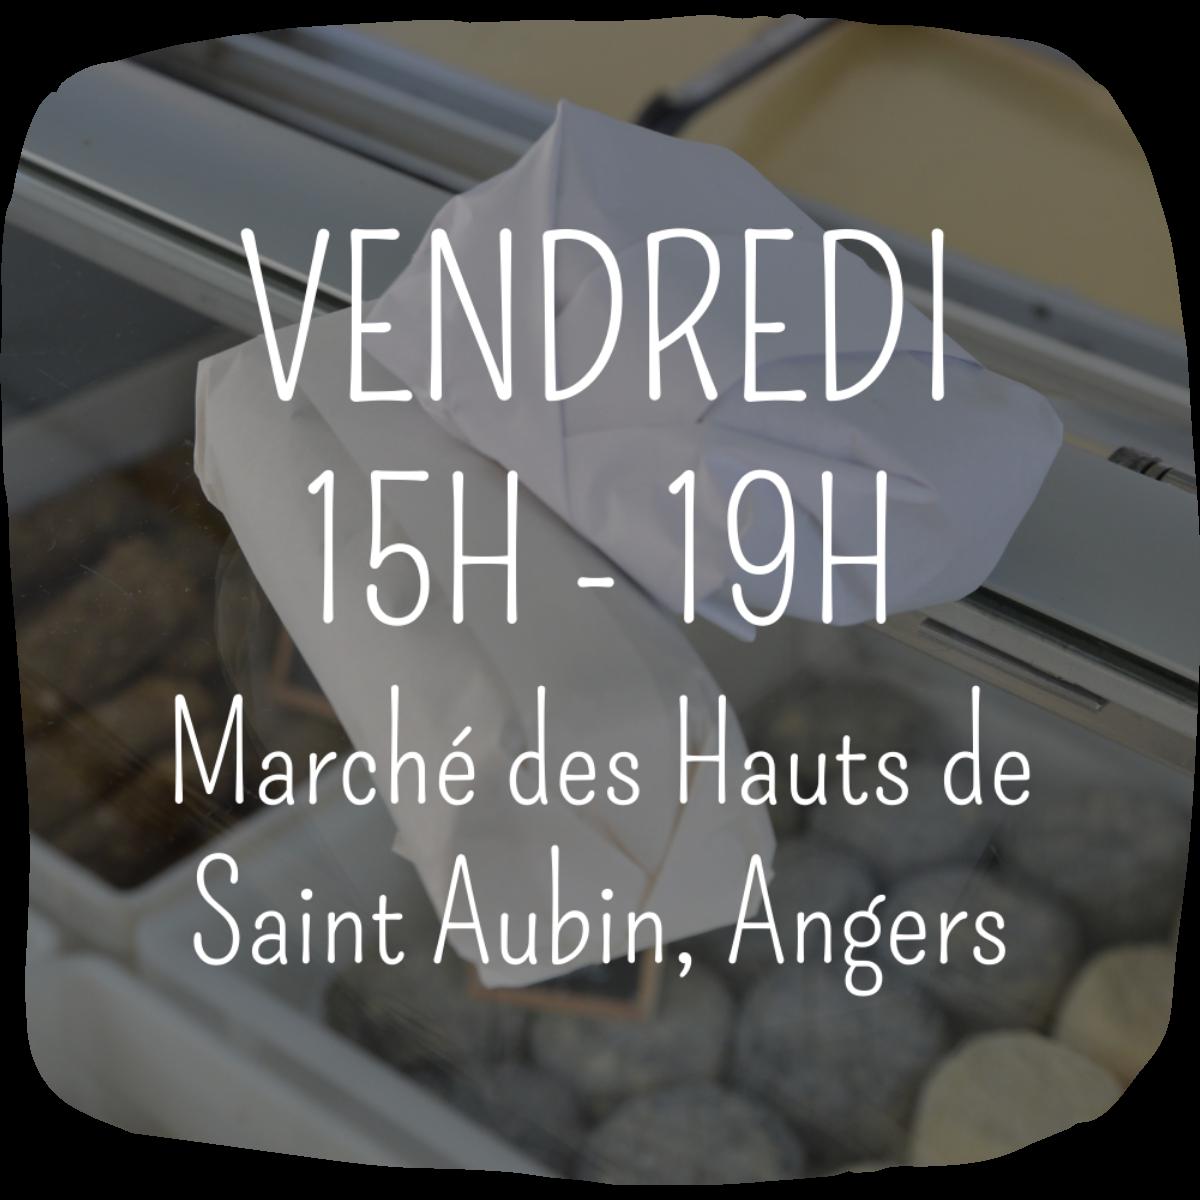 Marchés Ferme Anjou Biquettes Hauts de Saint Aubin Angers